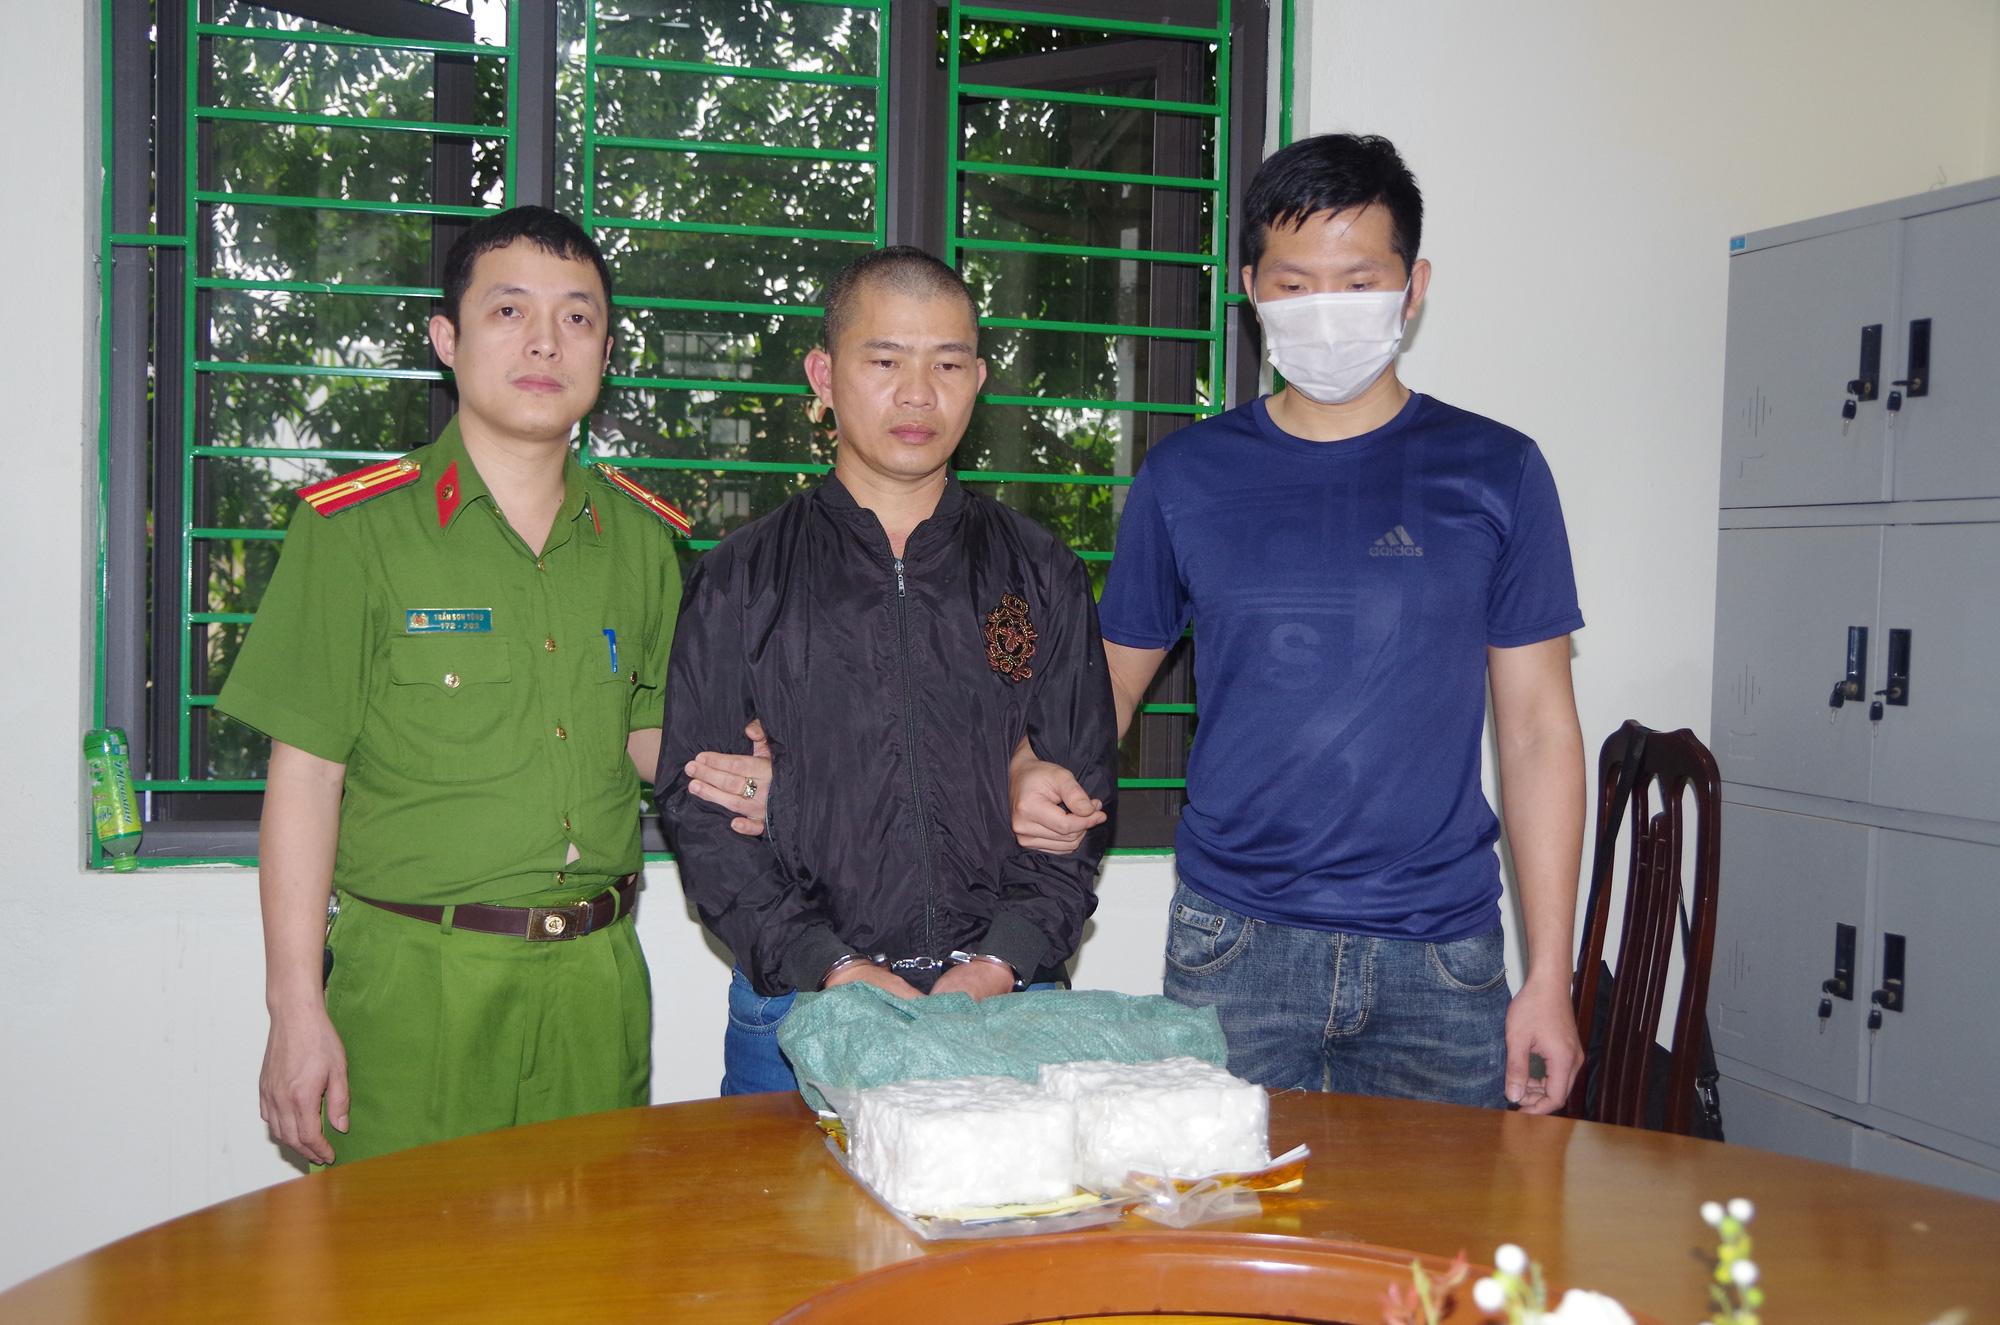 Thái Nguyên: Bắt hai đối tượng mua bán trái phép gần 2kg ma túy đá - Ảnh 1.